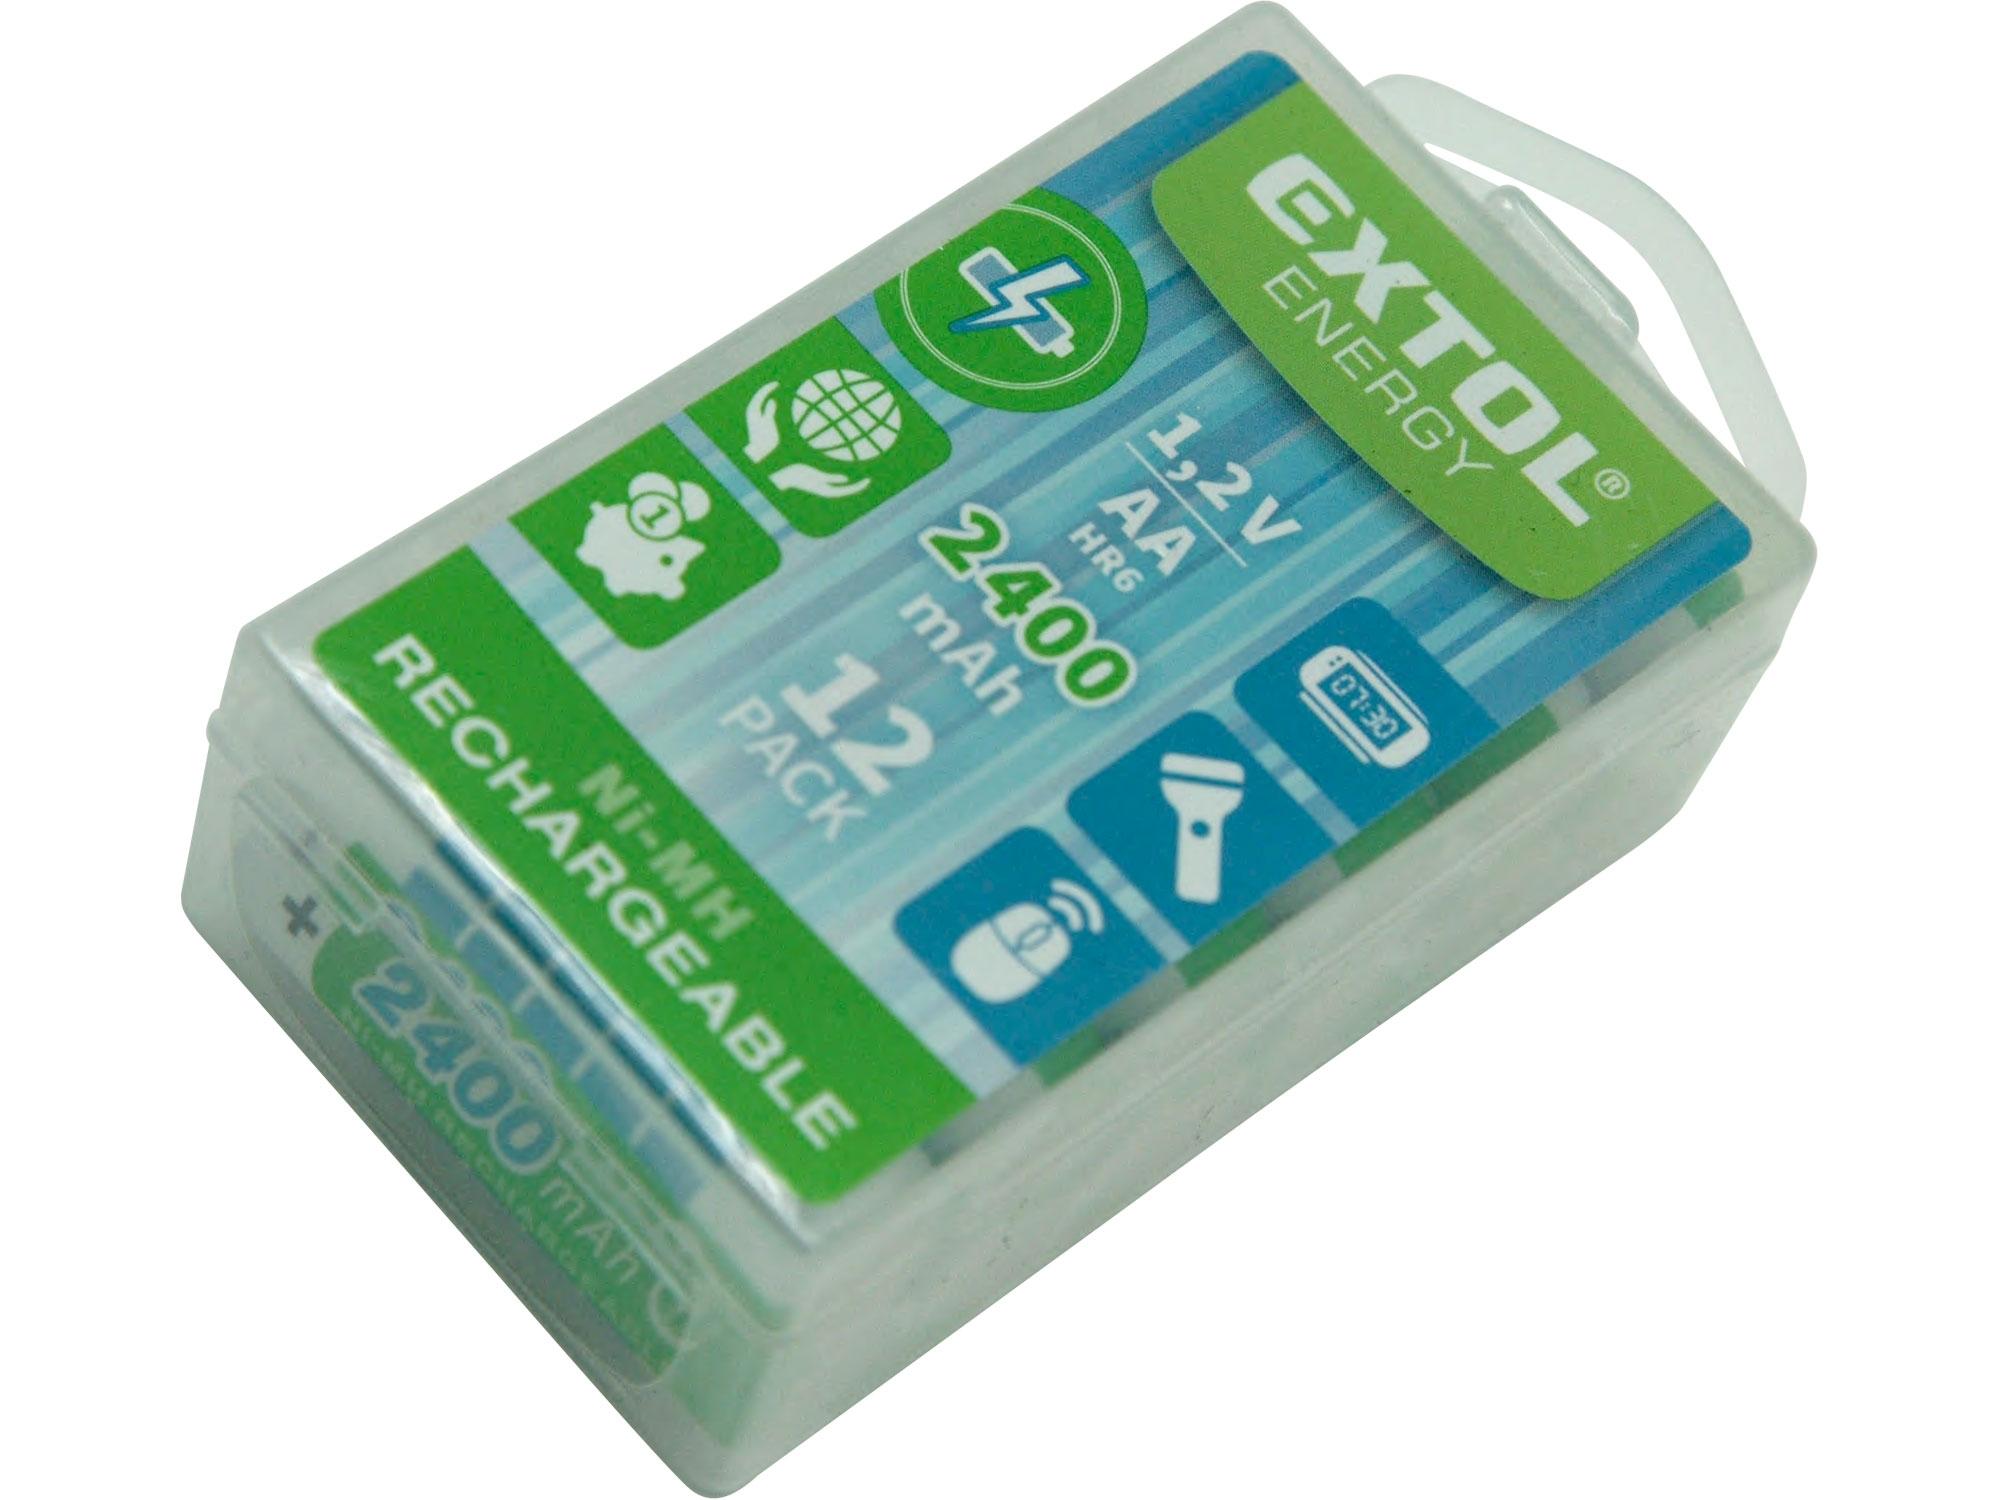 baterie nabíjecí, 12ks, AA (HR6), 1,2V, 2400mAh, NiMh, EXTOL ENERGY 42063